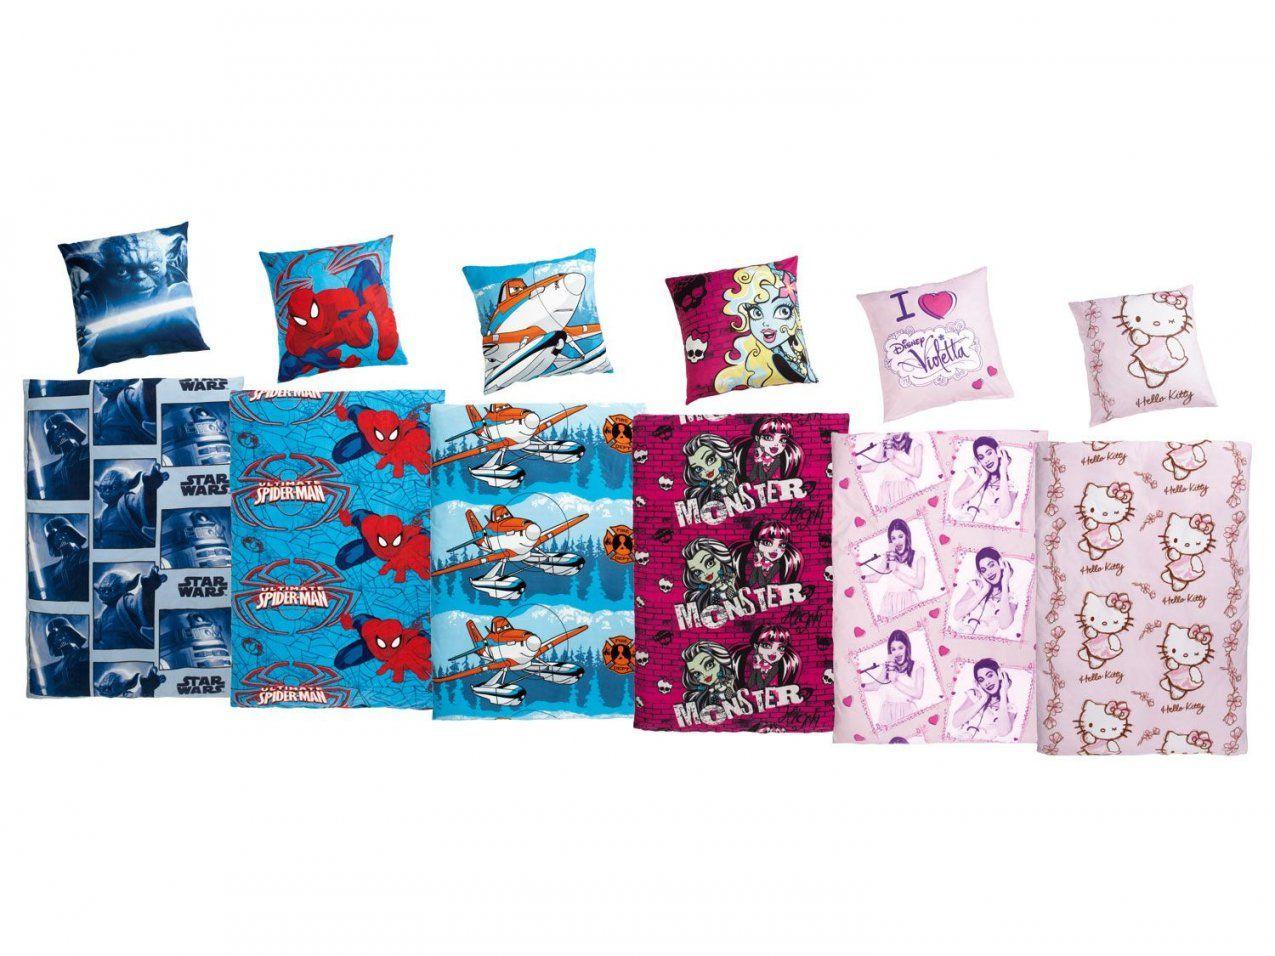 Kinder Fleecebettwäsche 135 X 200 Cm  Lidl Deutschland  Lidl von Hello Kitty Bettwäsche Lidl Bild